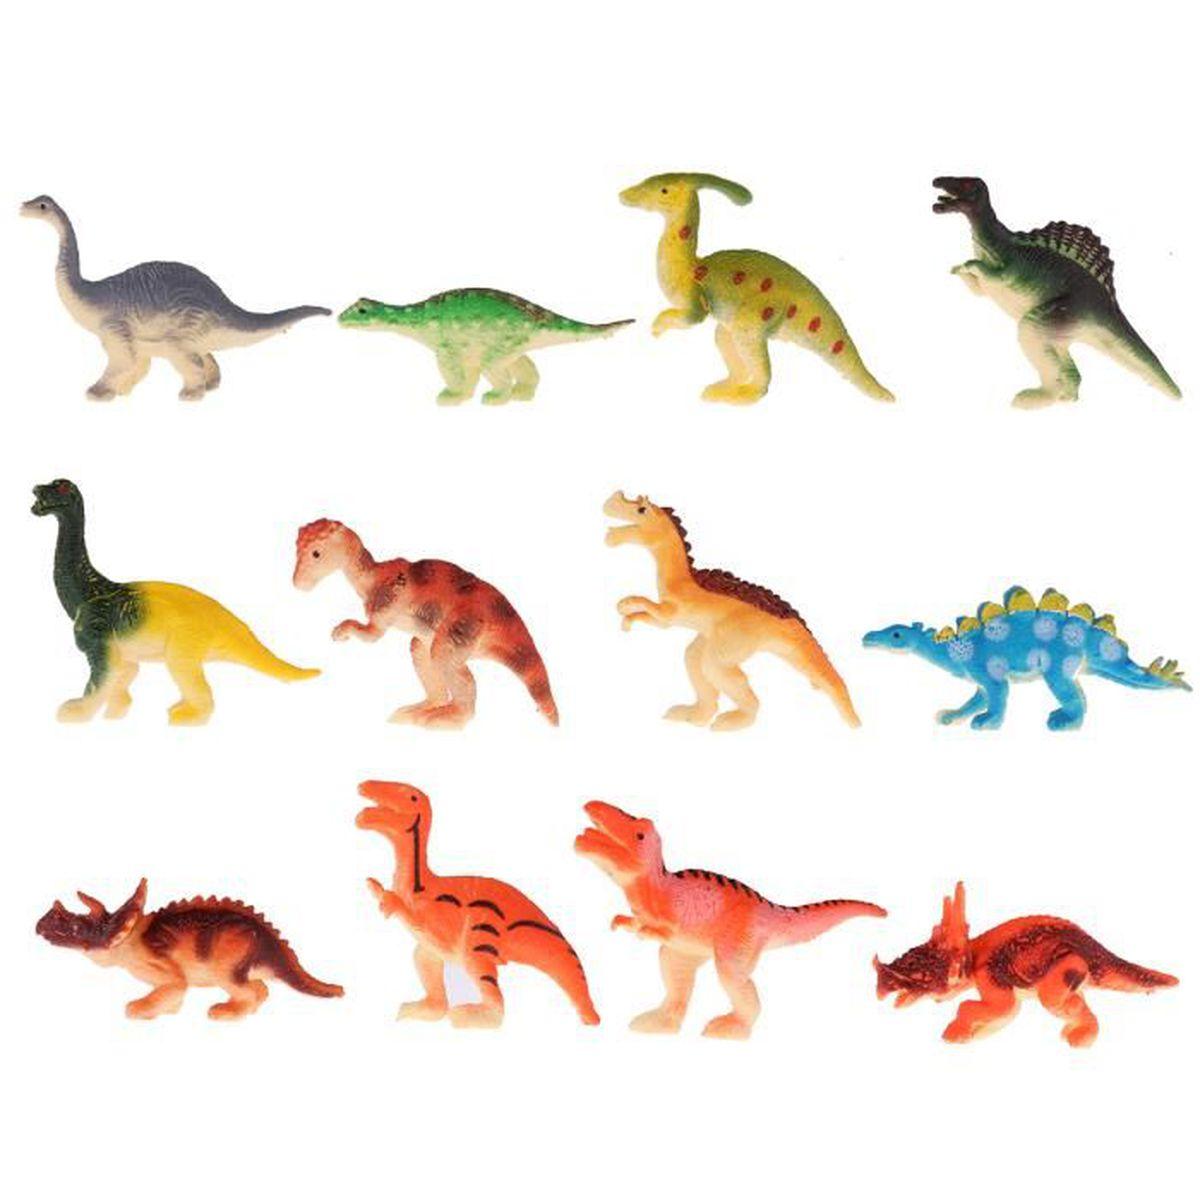 Animaux En Plastique Jouet set 12pcs dinosaures jouets figurine dinosaure en plastique